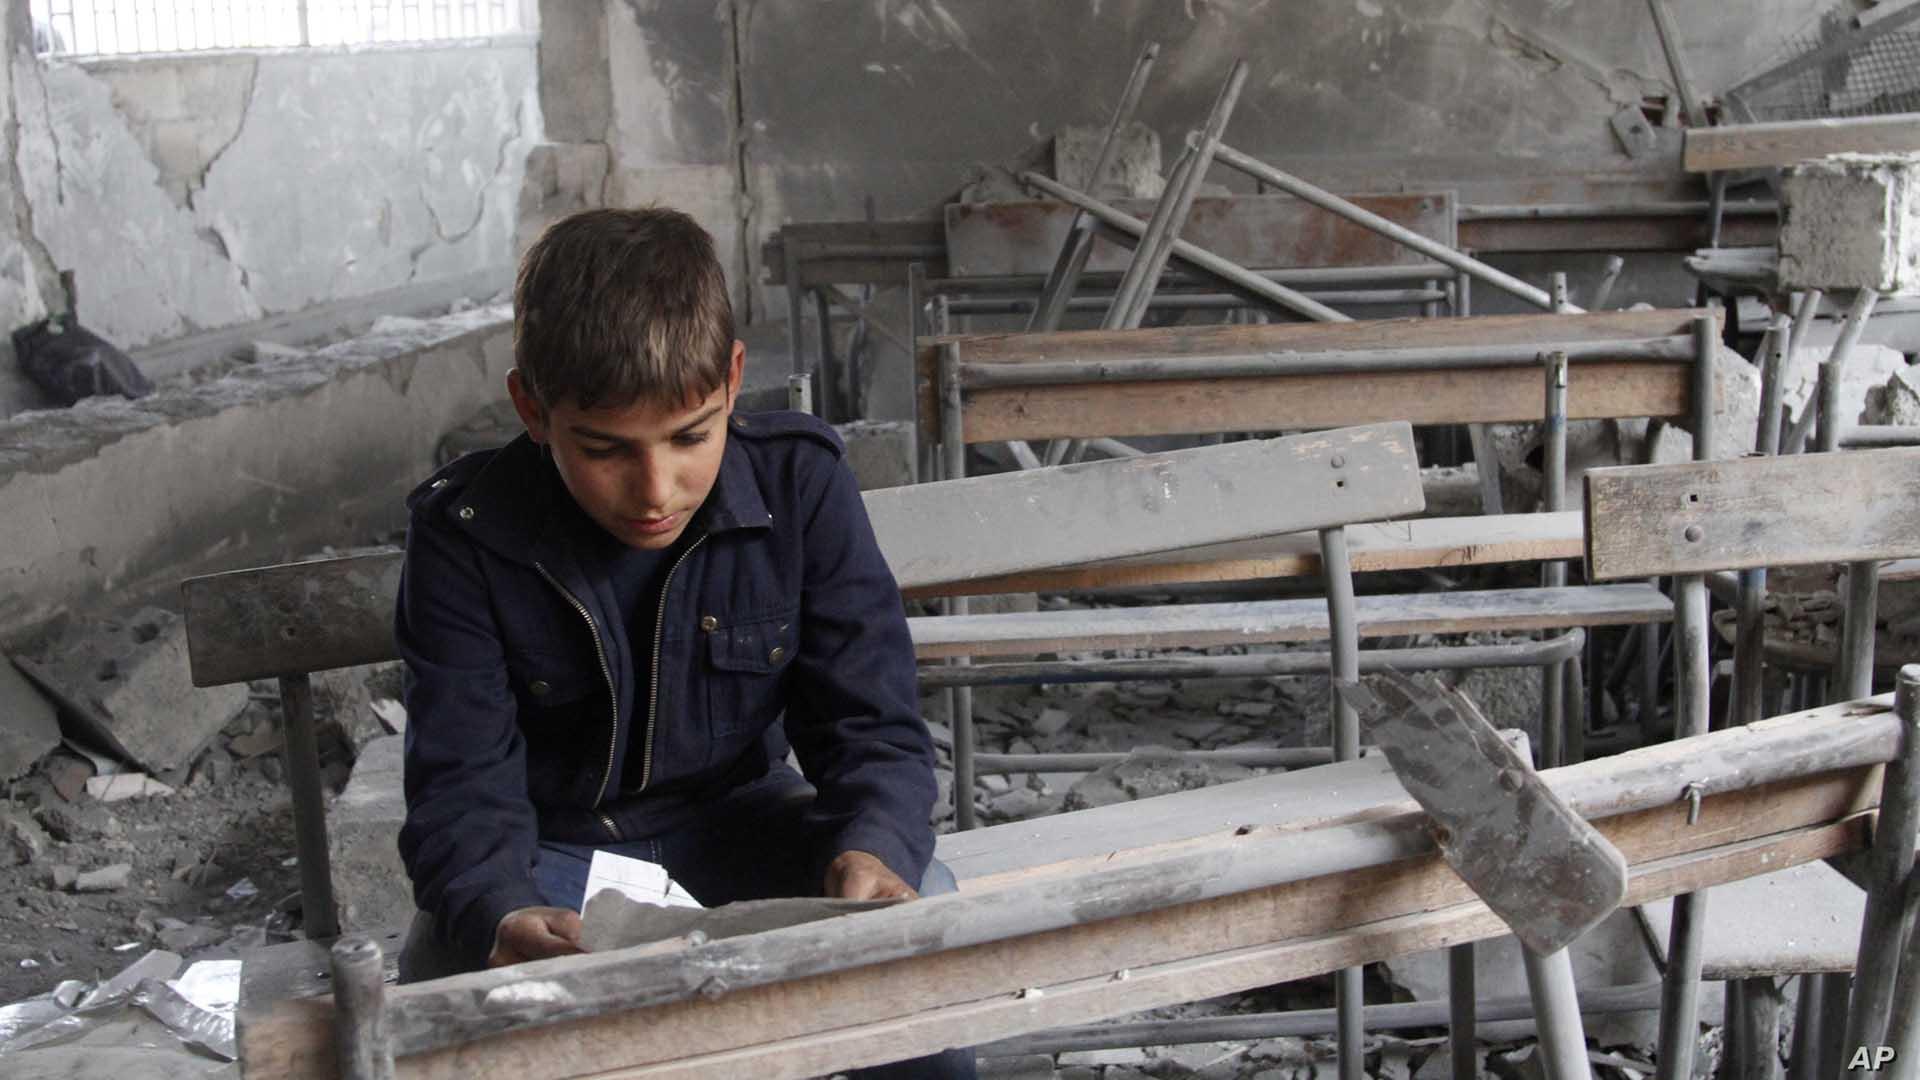 تشخيص الدمار المجتمعي السوري (3 من 3): انهيارات قطاعات التعليم والصحة والدعم الاجتماعي